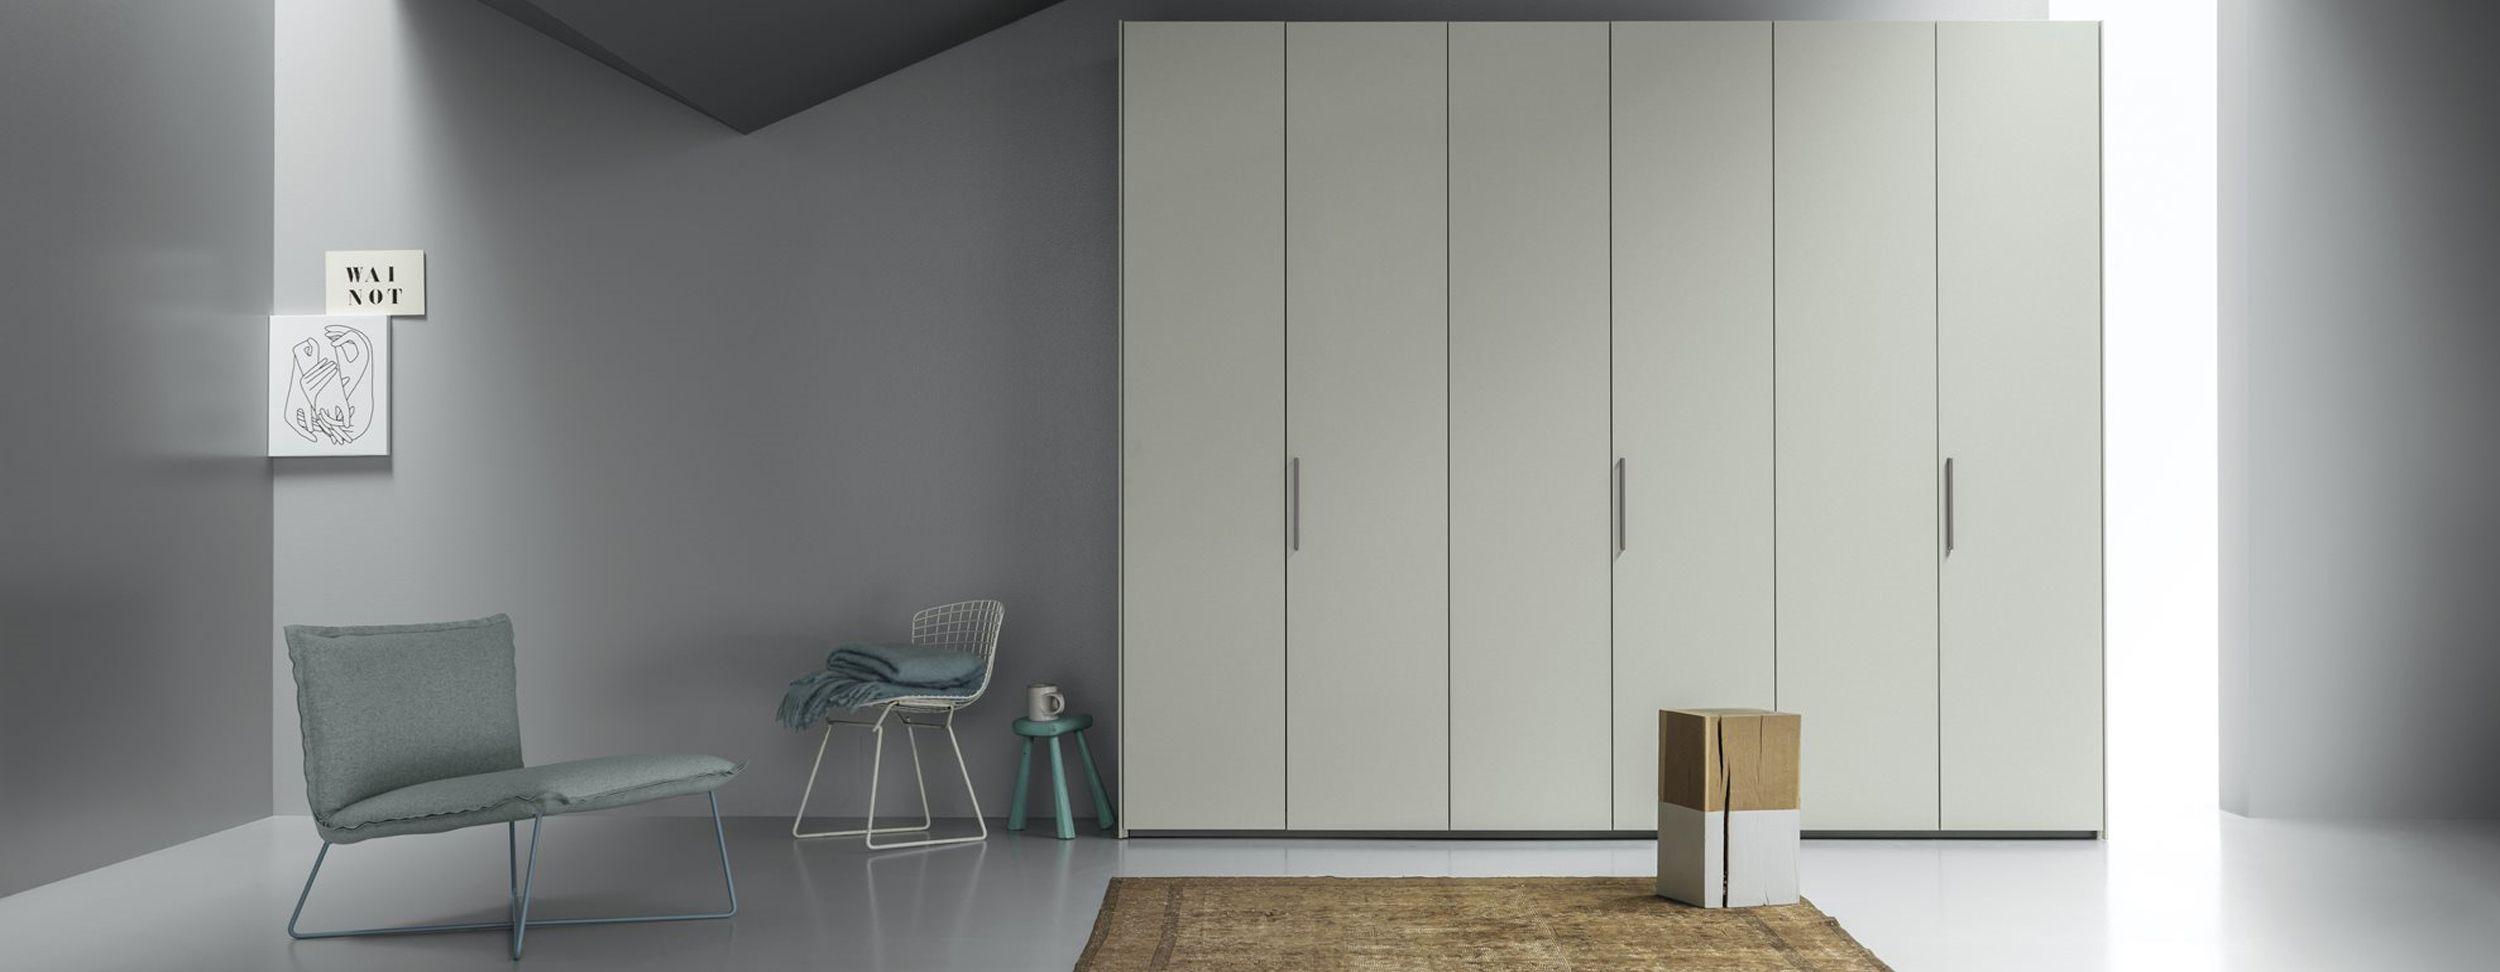 wardrobes-banner-image-compressor